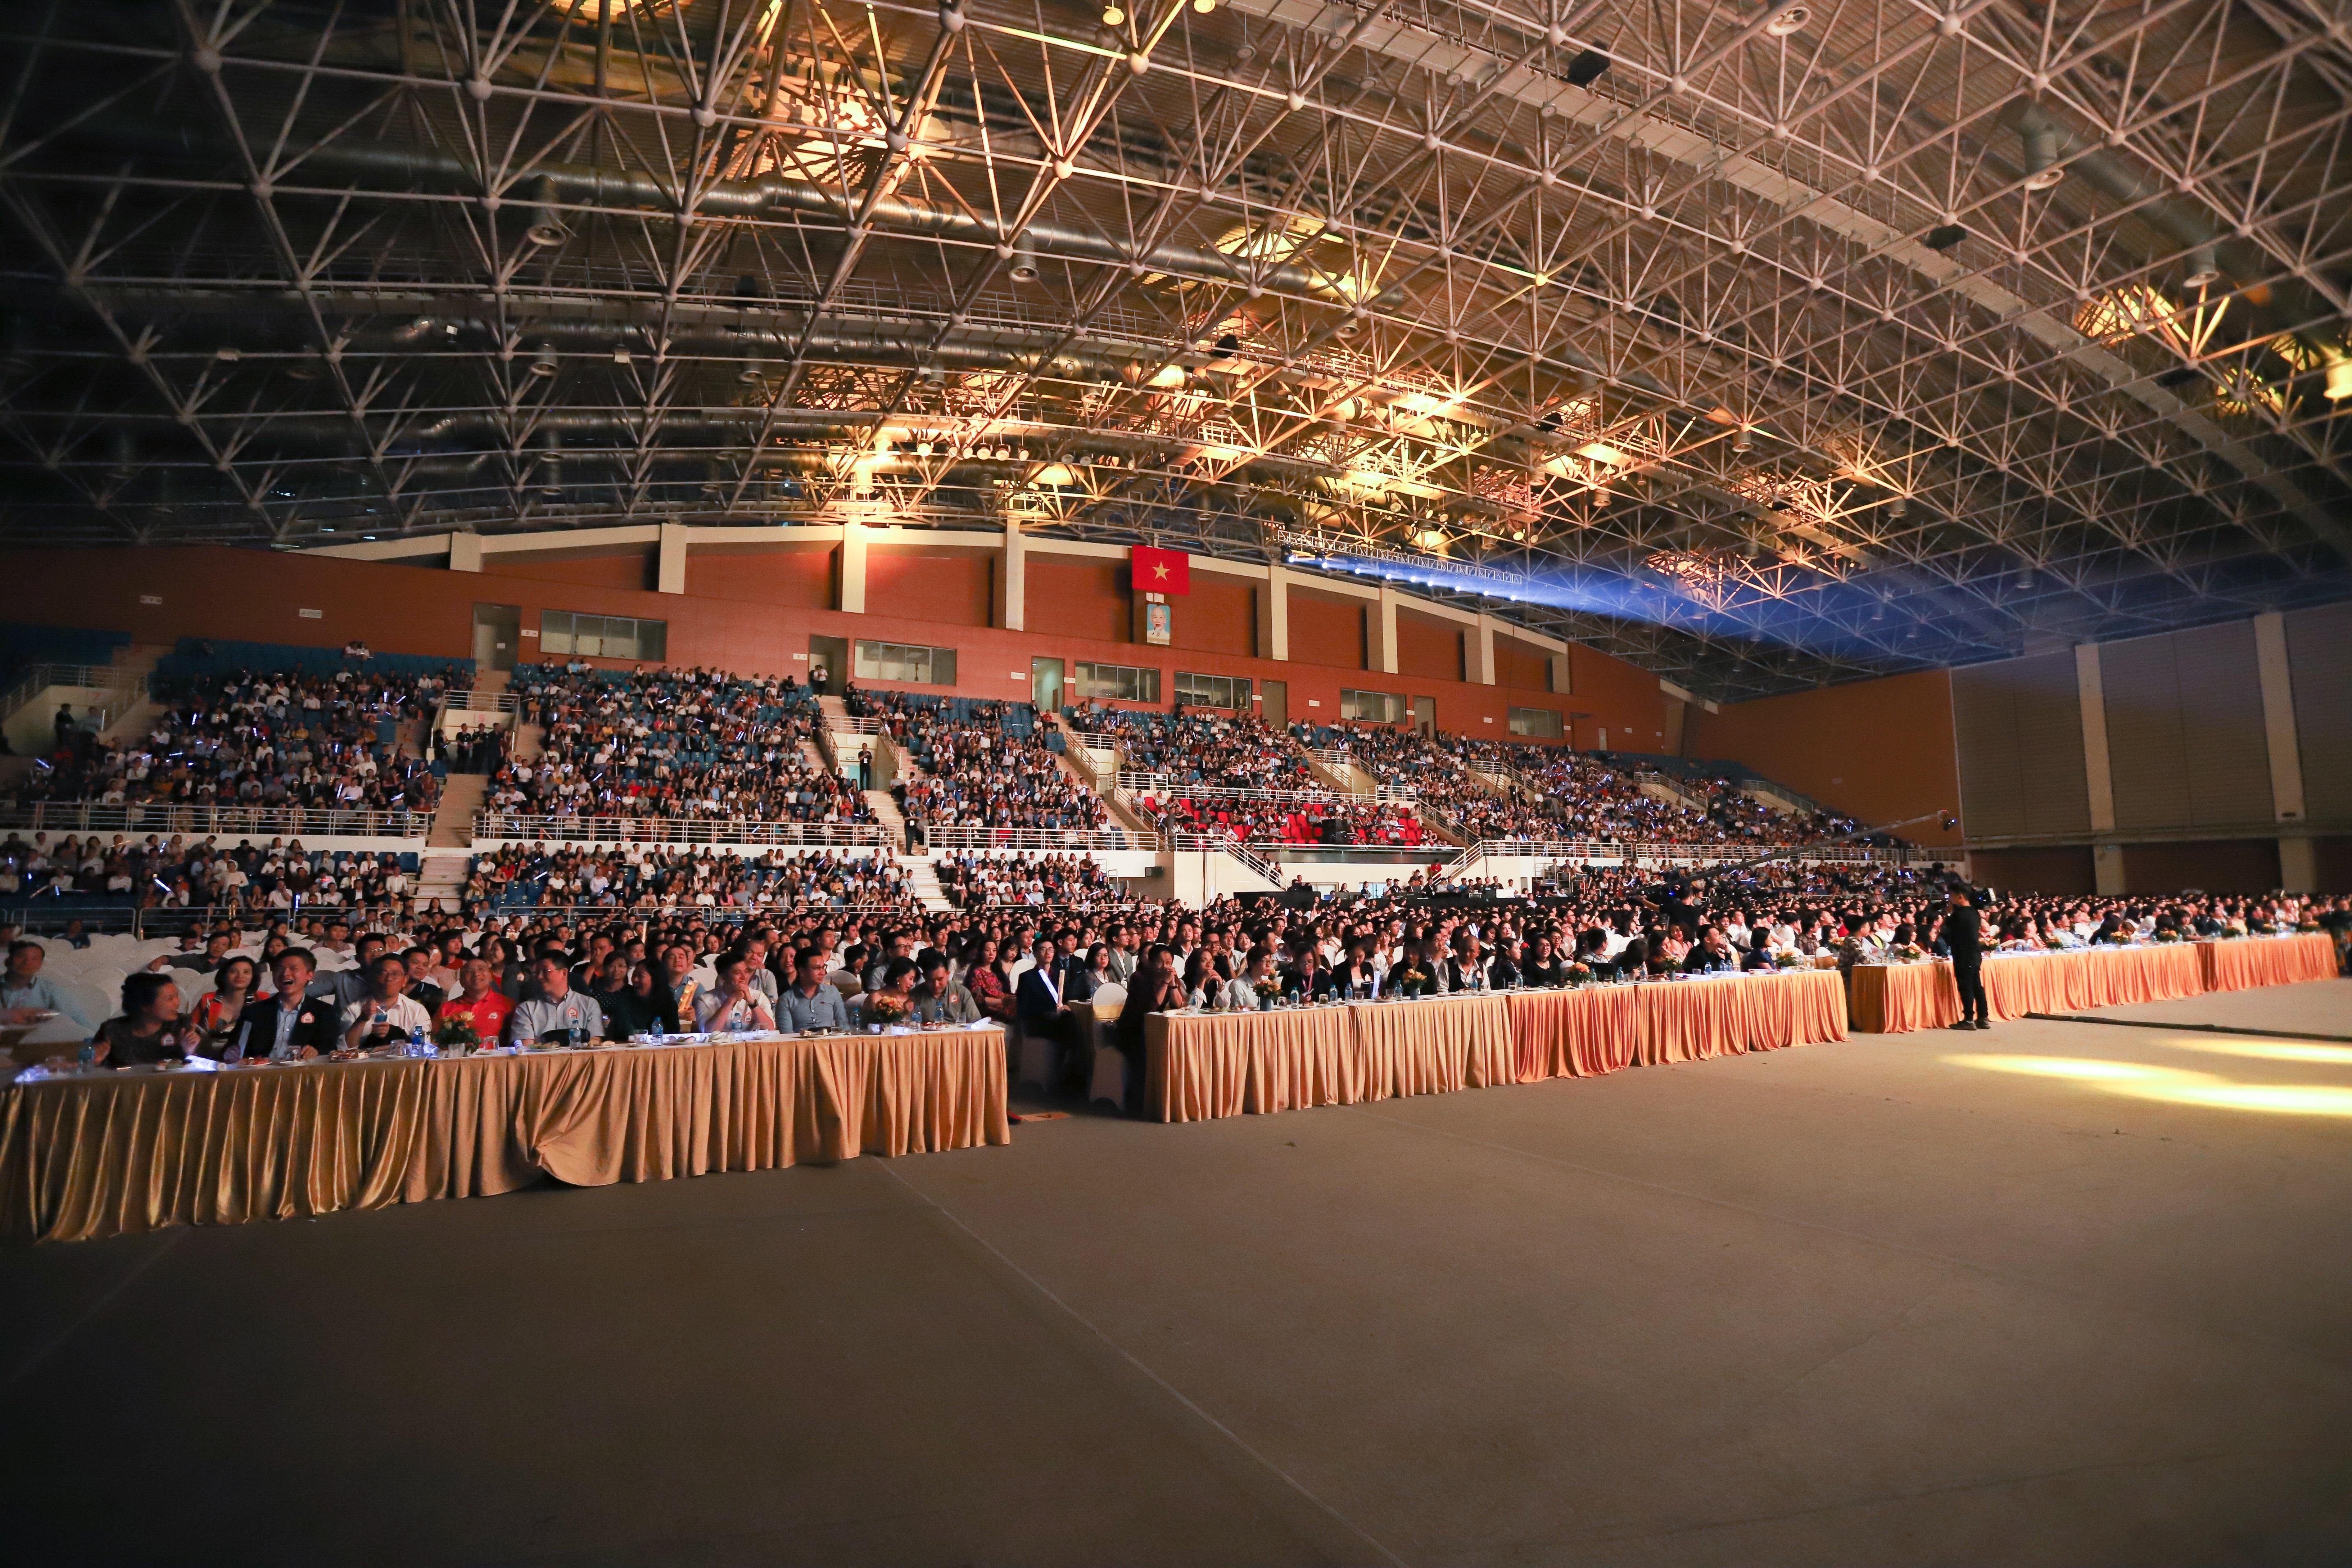 Lễ ra mắt cenhomes.vn được diễn ra tại Cung Điền kinh Quốc gia với hơn 6.000 khách mời tham dự.